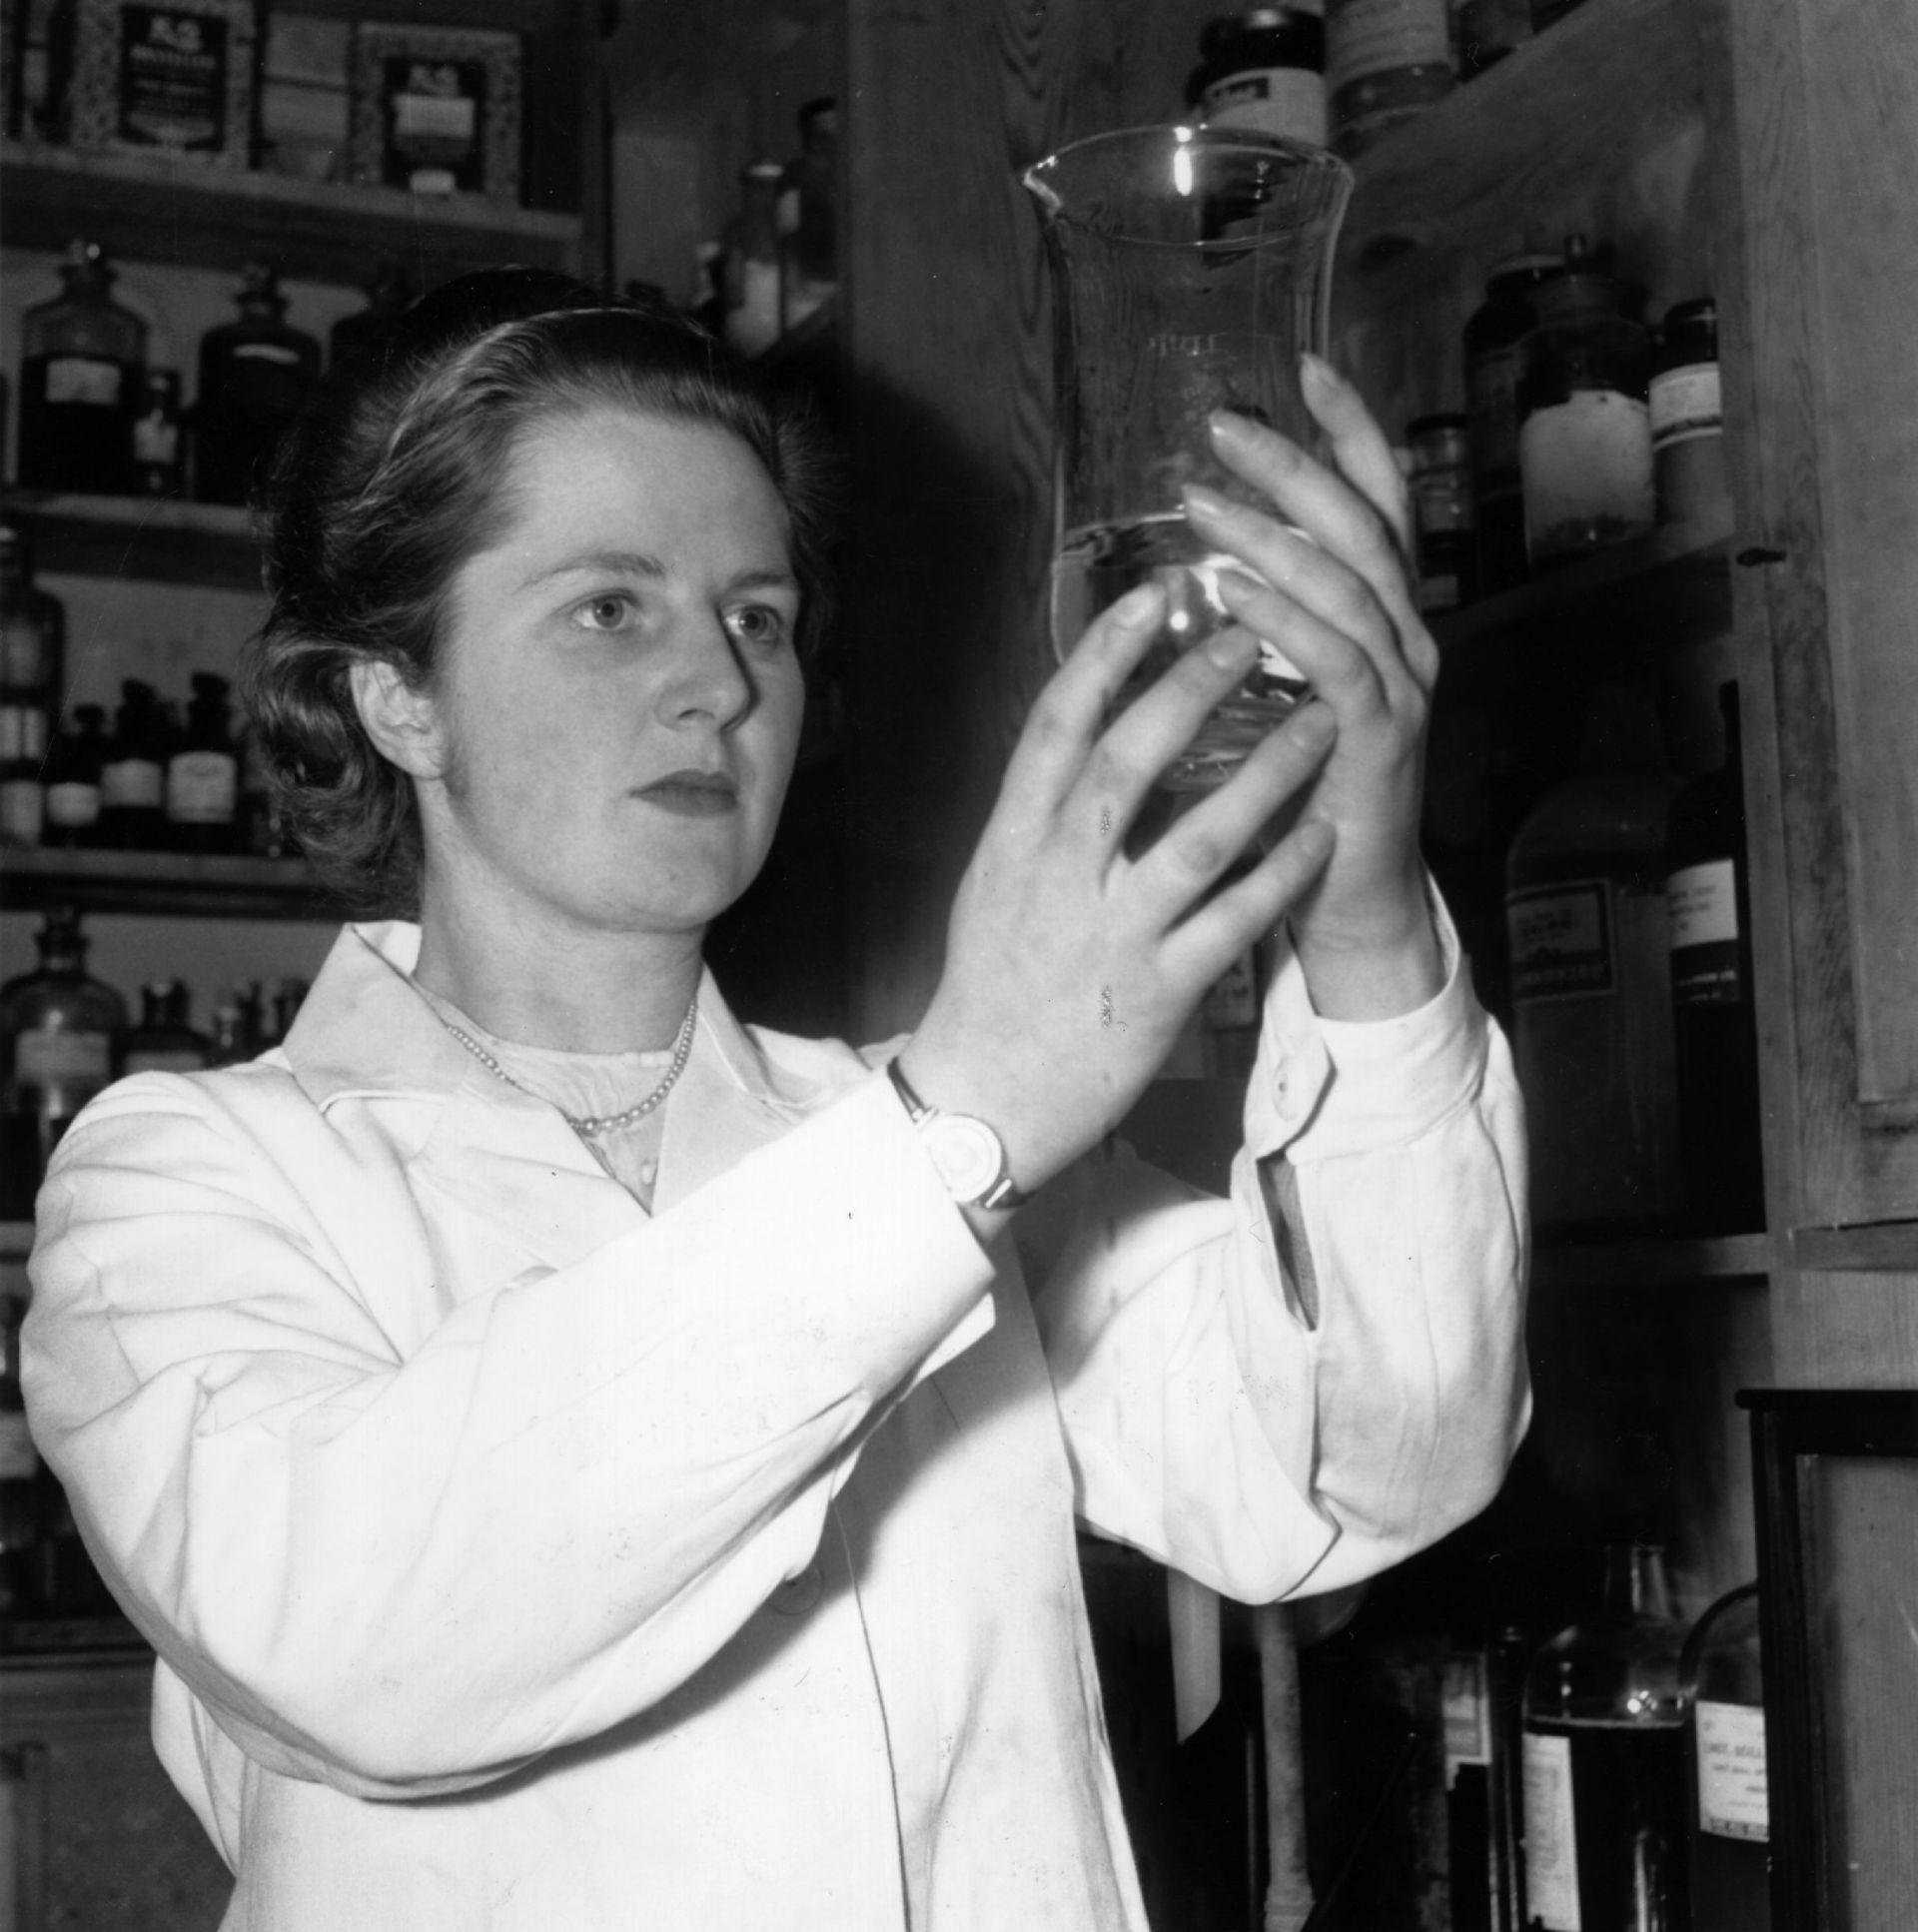 През 1947 г. Маргарет Тачър става бакалавър по химия